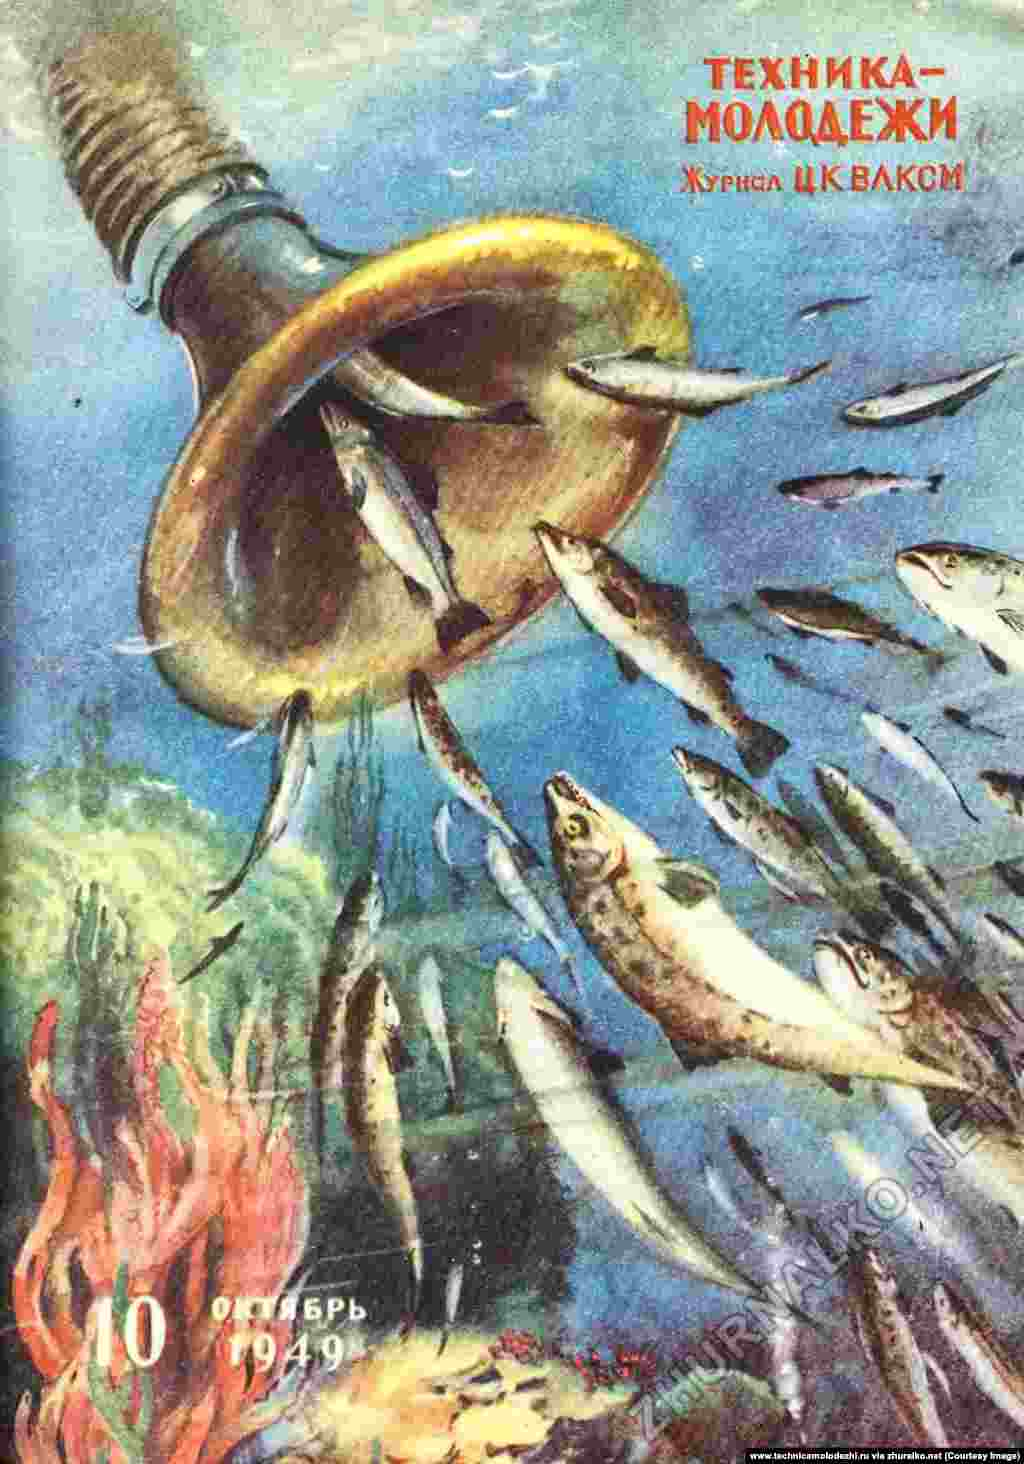 Теңіздегі балықтарды сорып жатқан құрылғы. Бұл кезде адамзат суасты ресурстарының жұтаңдануы мәселесін әлі қозғай қоймаған.